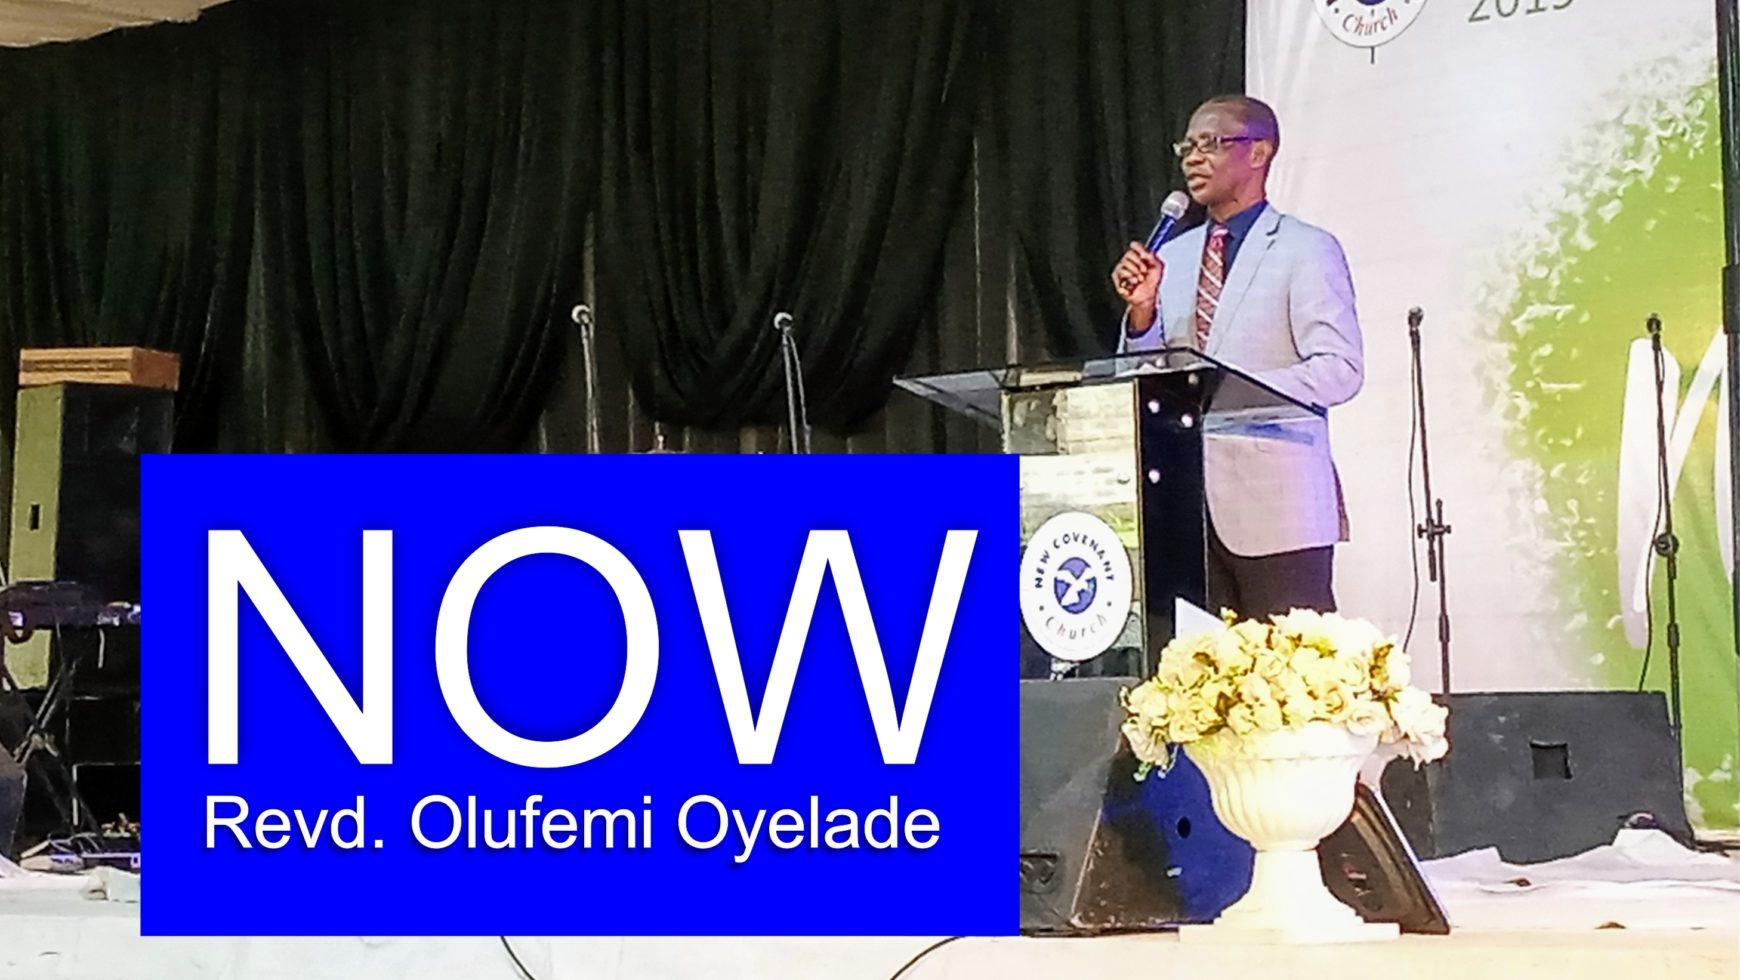 Now – Revd Olufemi Oyelade